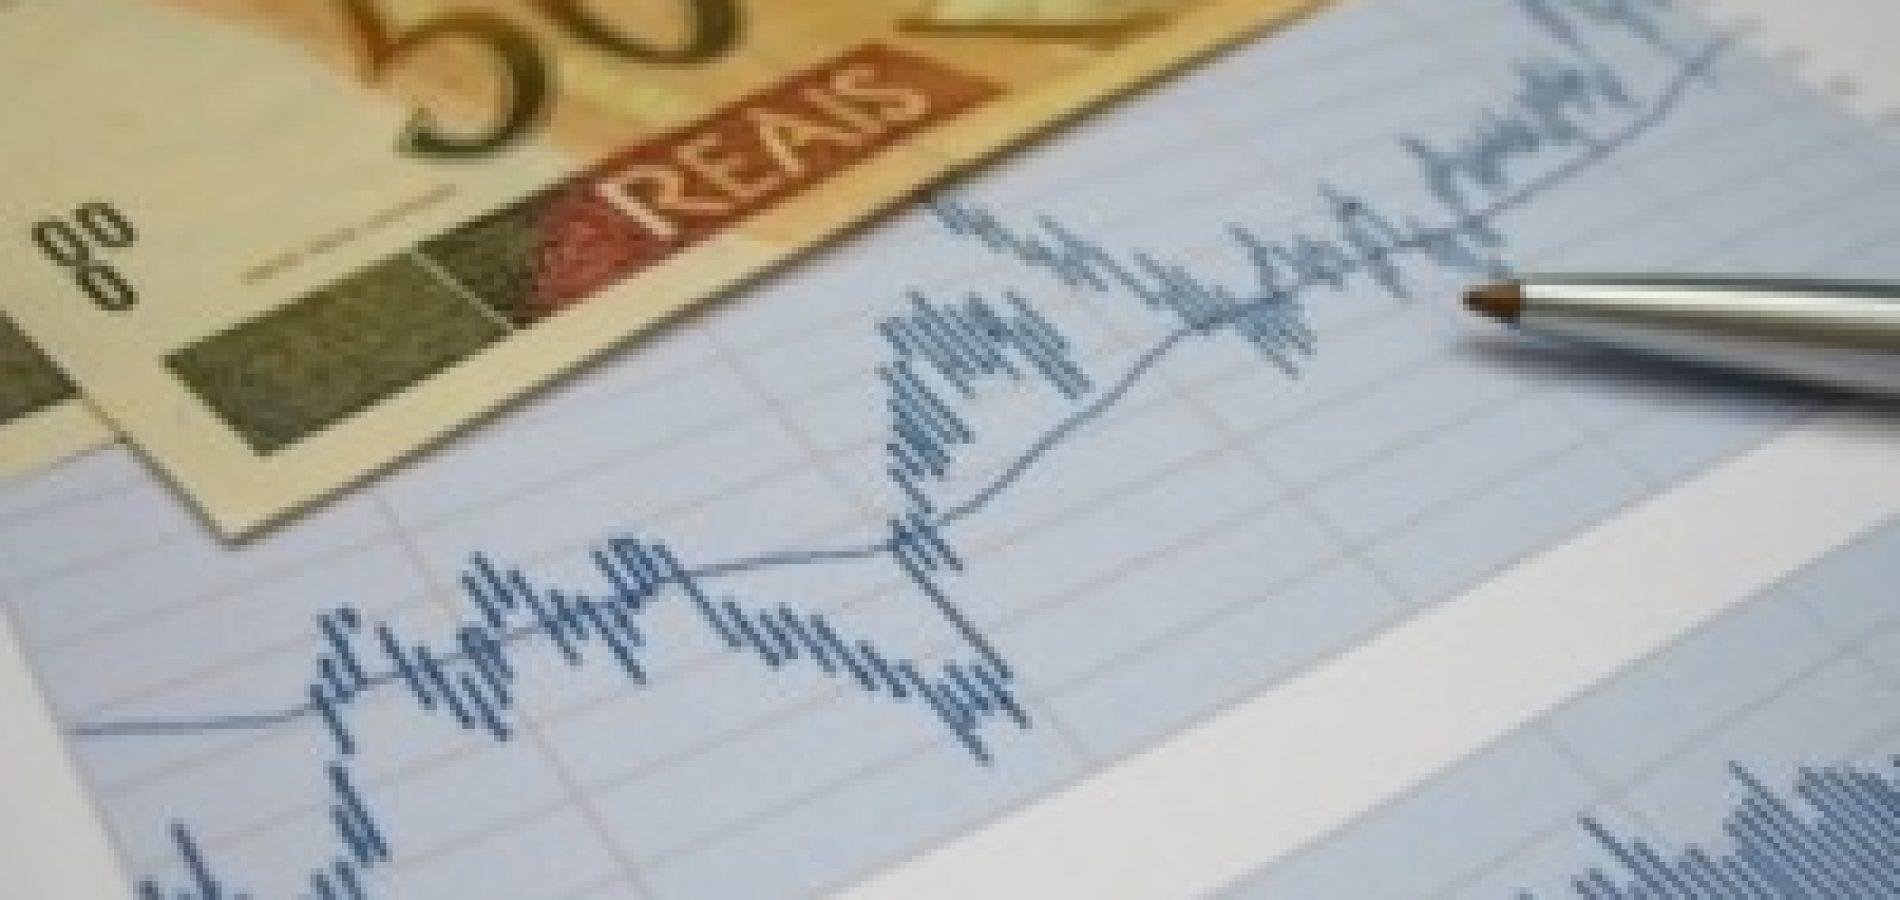 Sobe o preço do feijão, arroz e leite; IPC de junho registra aumento de 0,35%